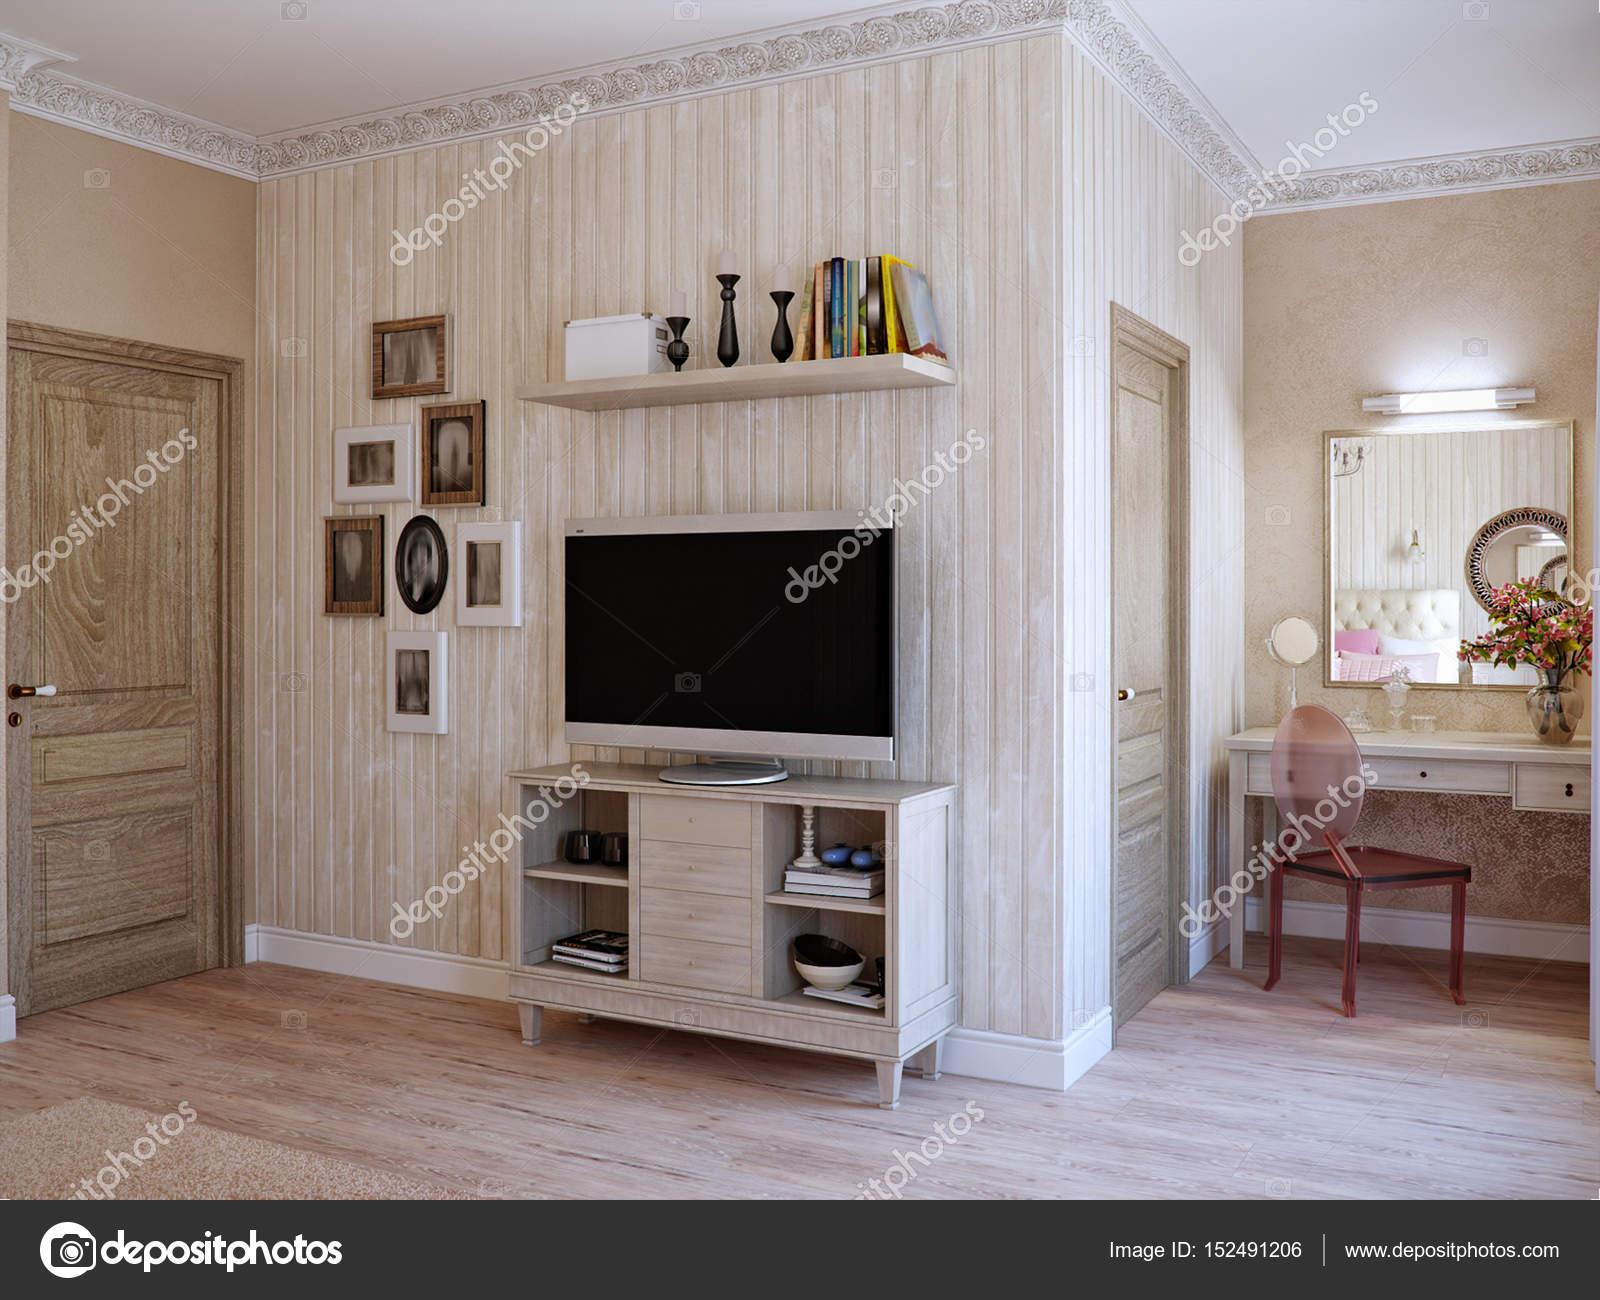 Camere Da Letto Rustiche Foto : Camera da letto rustica tradizionale classico moderno provenza